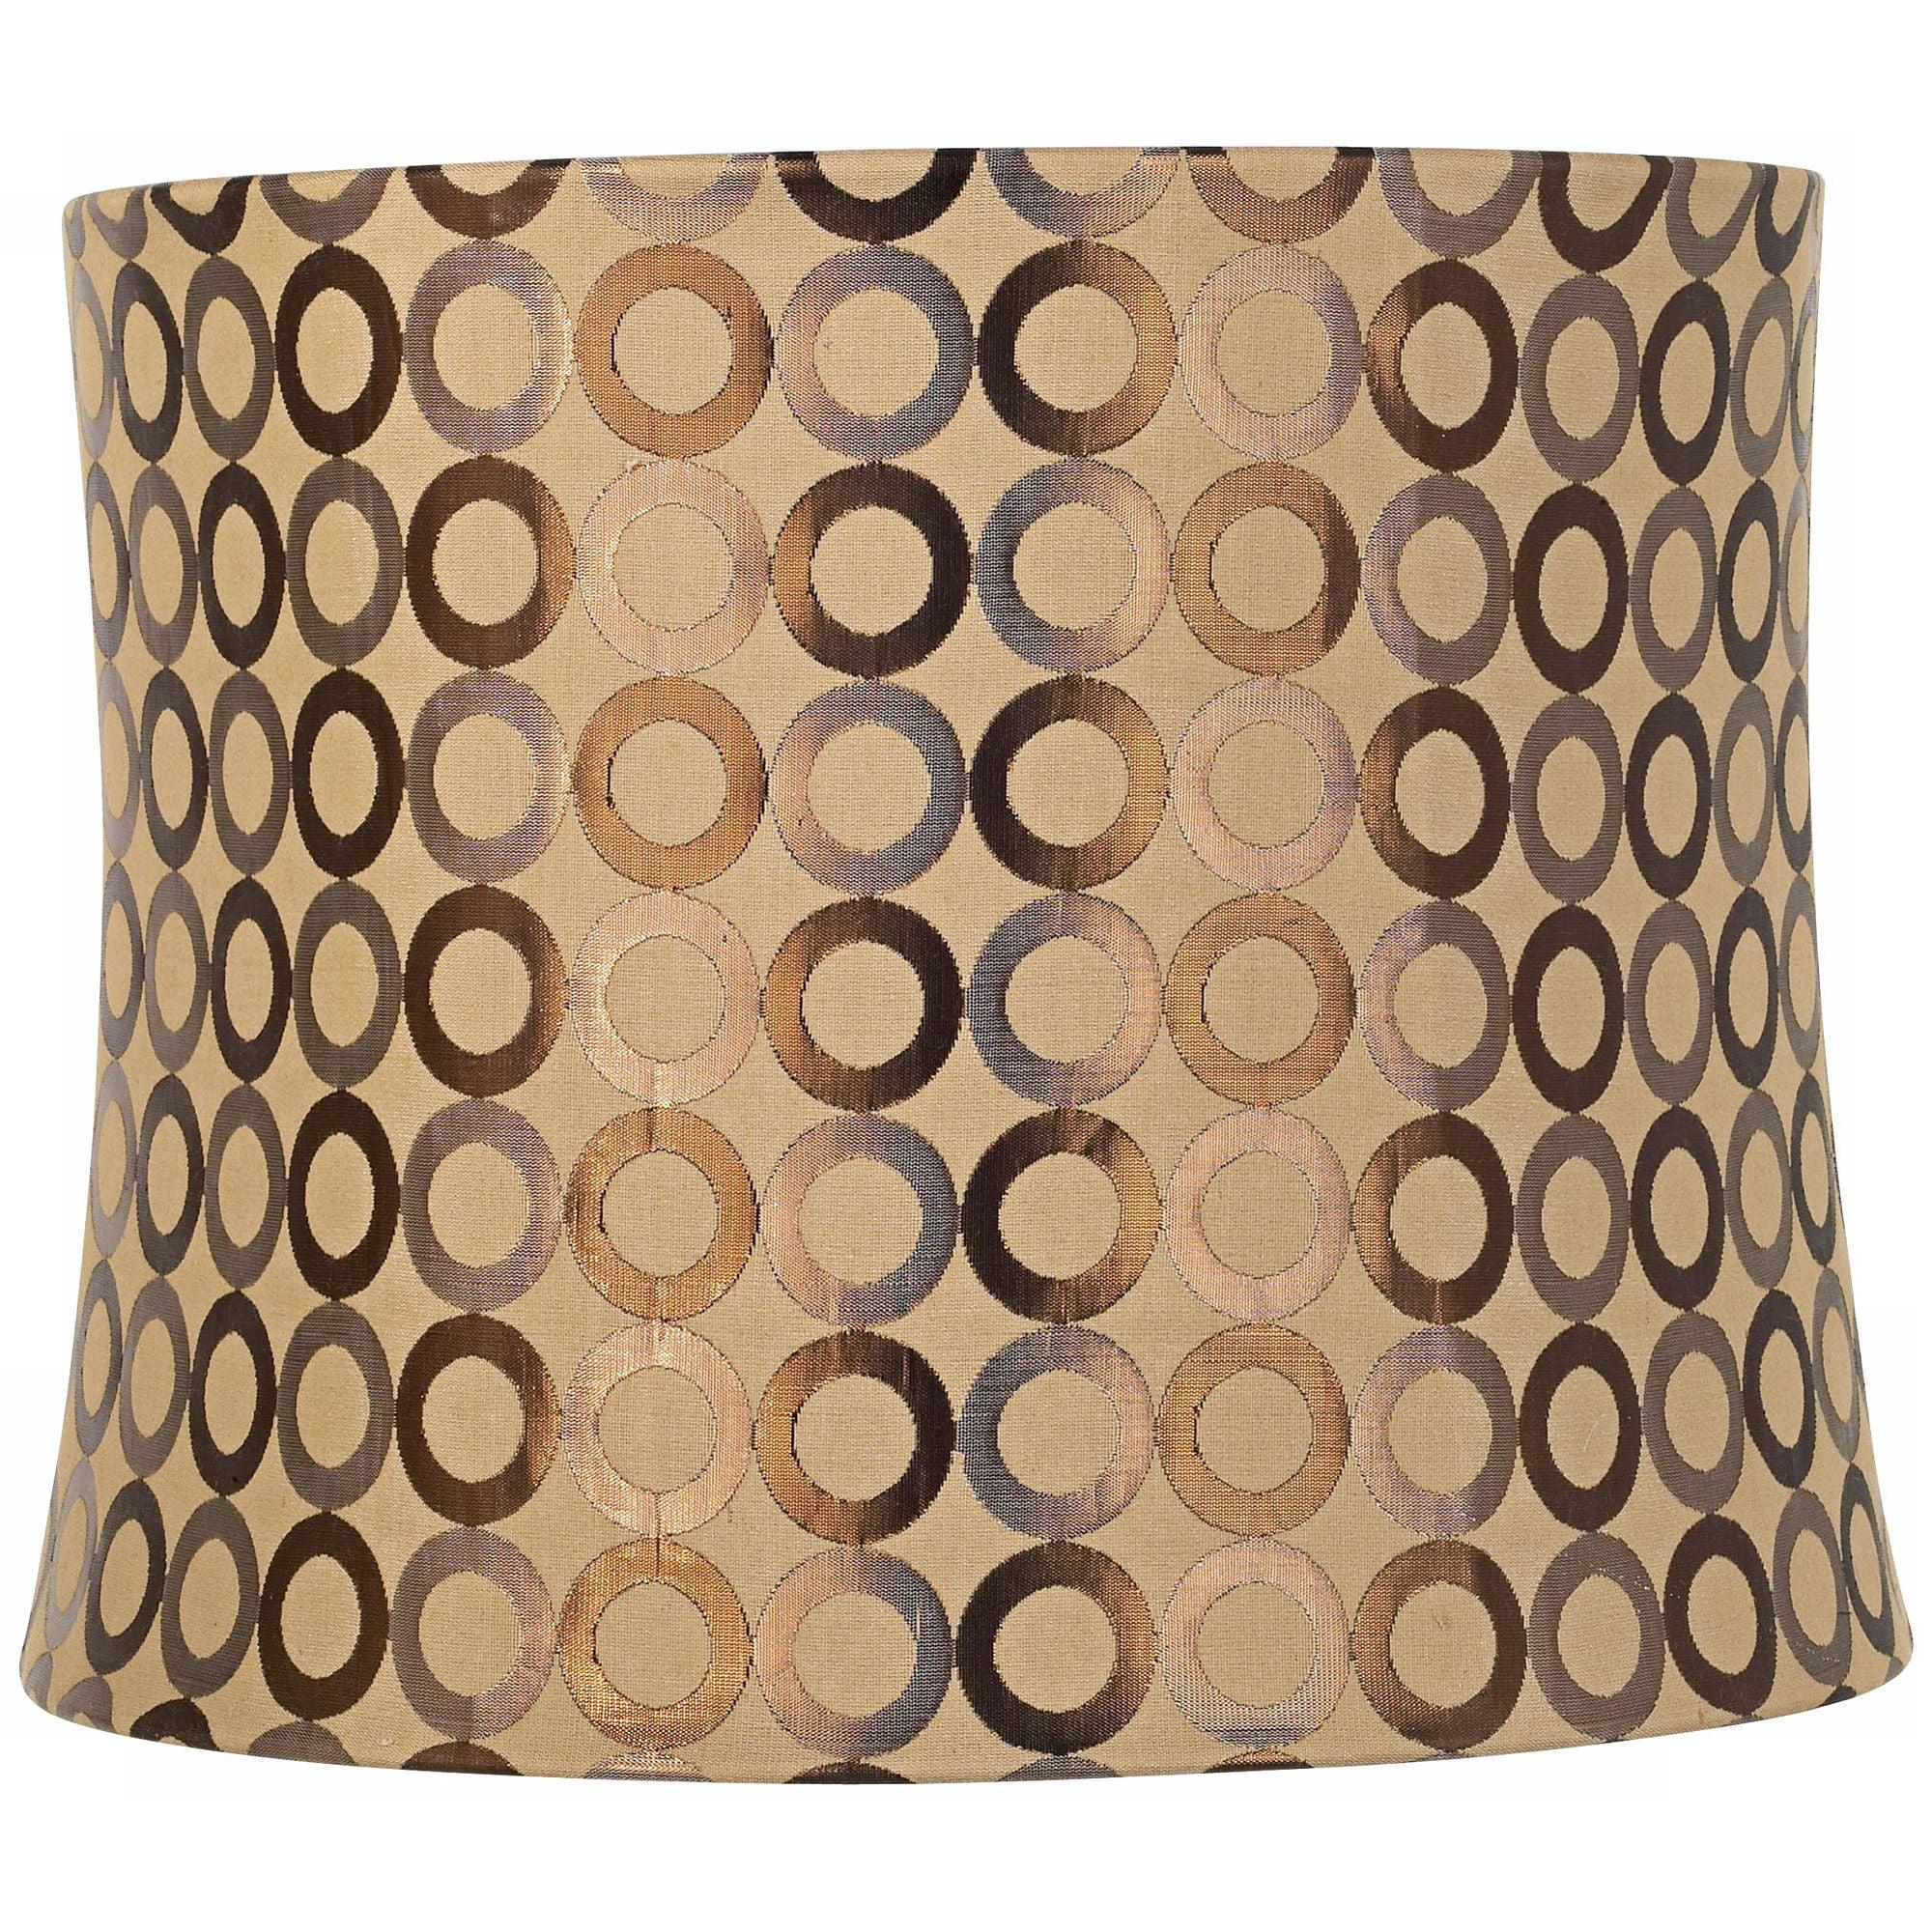 Springcrest Copper Circles Drum Lamp Shade 13x14x11 (Spider)